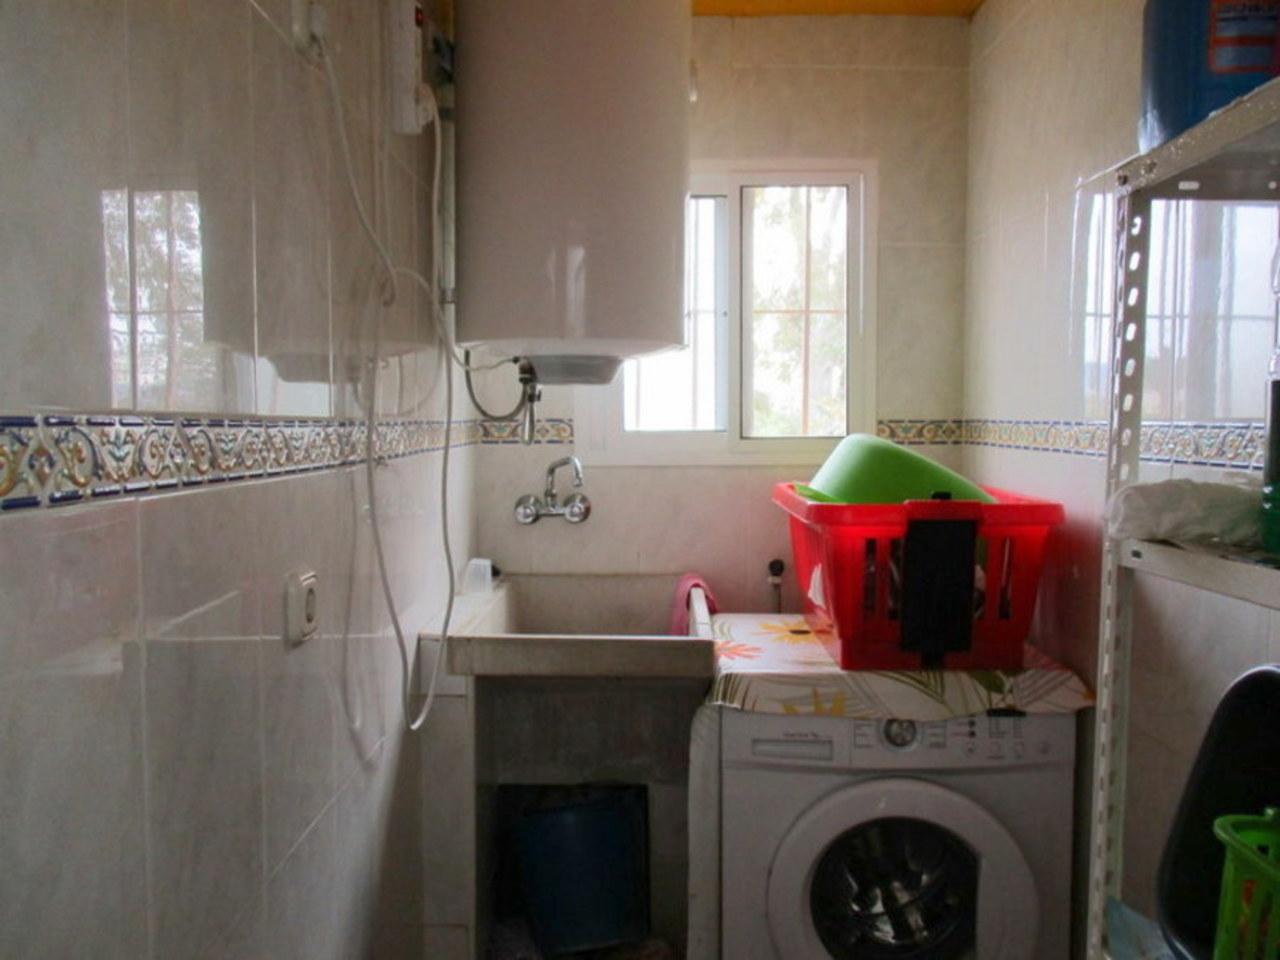 Tolle Küchenmöbelknöpfe Melbourne Fotos - Küchenschrank Ideen ...